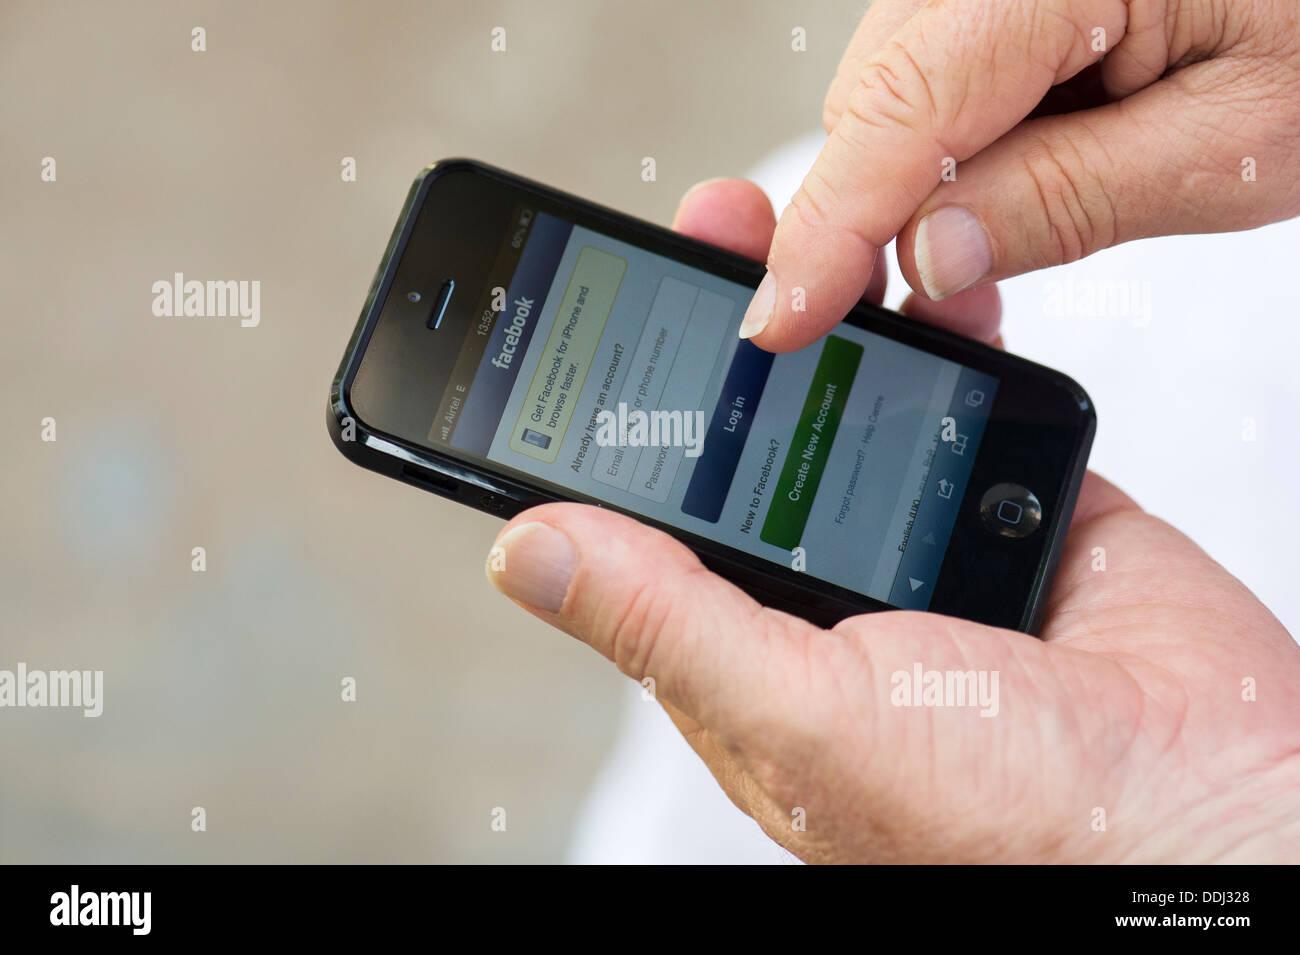 Hombre senior con Apple iphone 5 para iniciar sesión en Facebook Imagen De Stock